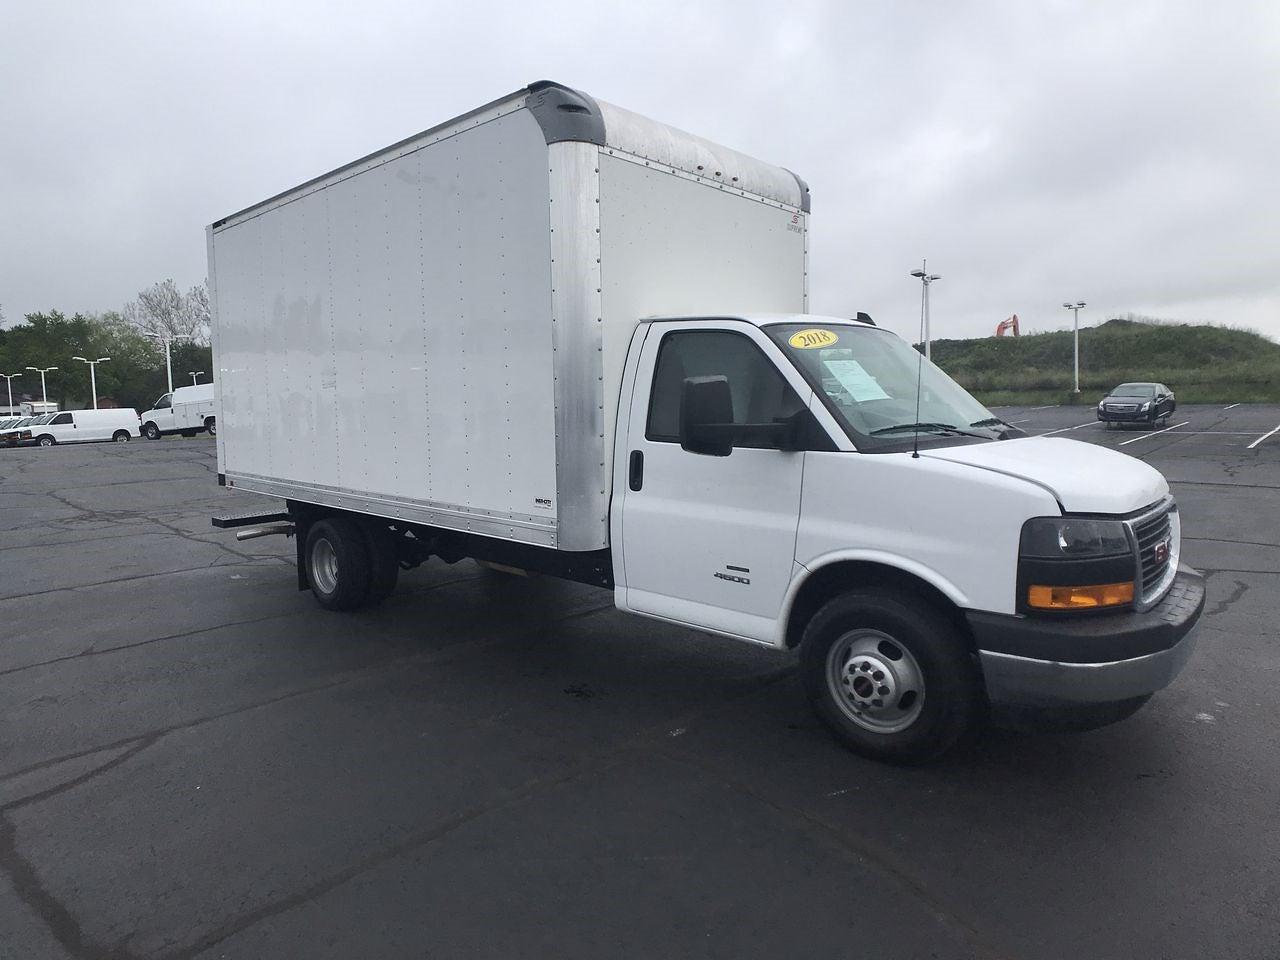 2018 GMC Savana 4500 DRW 4x2, Cutaway Van #111862 - photo 1